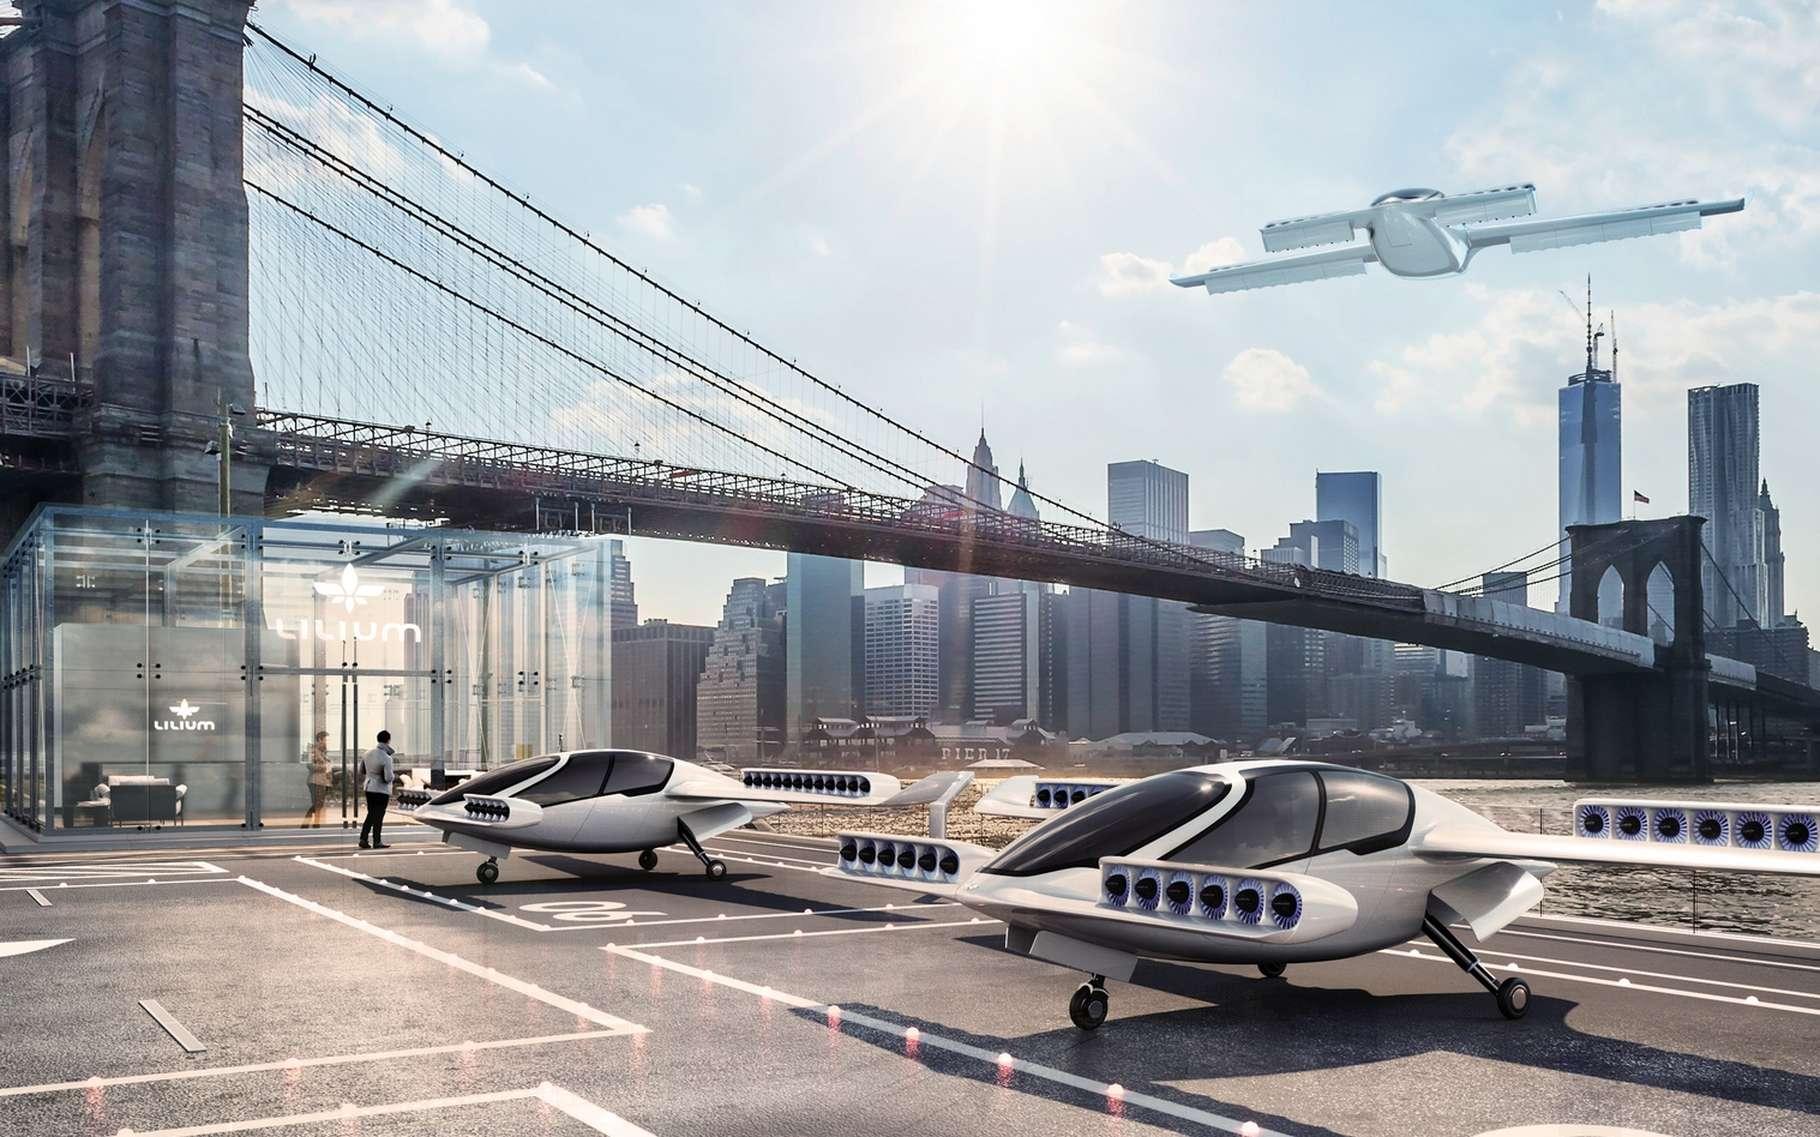 Le concept de l'avion électrique Lilium Jet est de proposer des vols interurbains sur des courtes distances à des tarifs inférieurs à ceux pratiqués actuellement avec des taxis automobiles. © Lilium